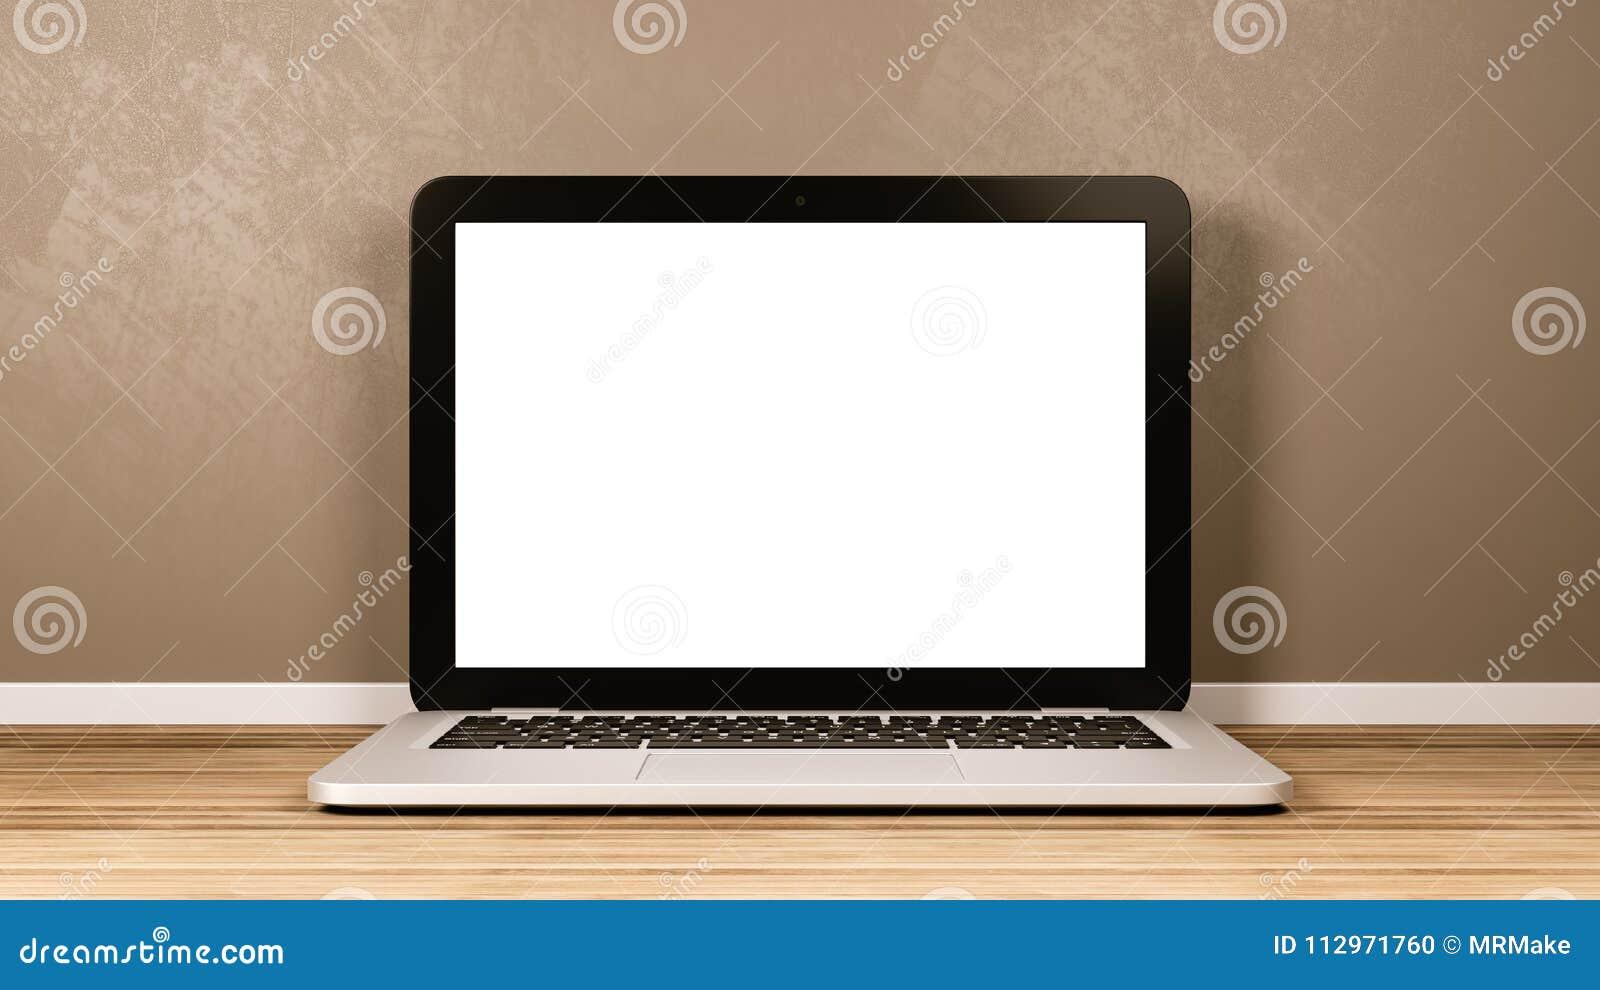 Laptop-Computer mit leerem Bildschirm im Raum